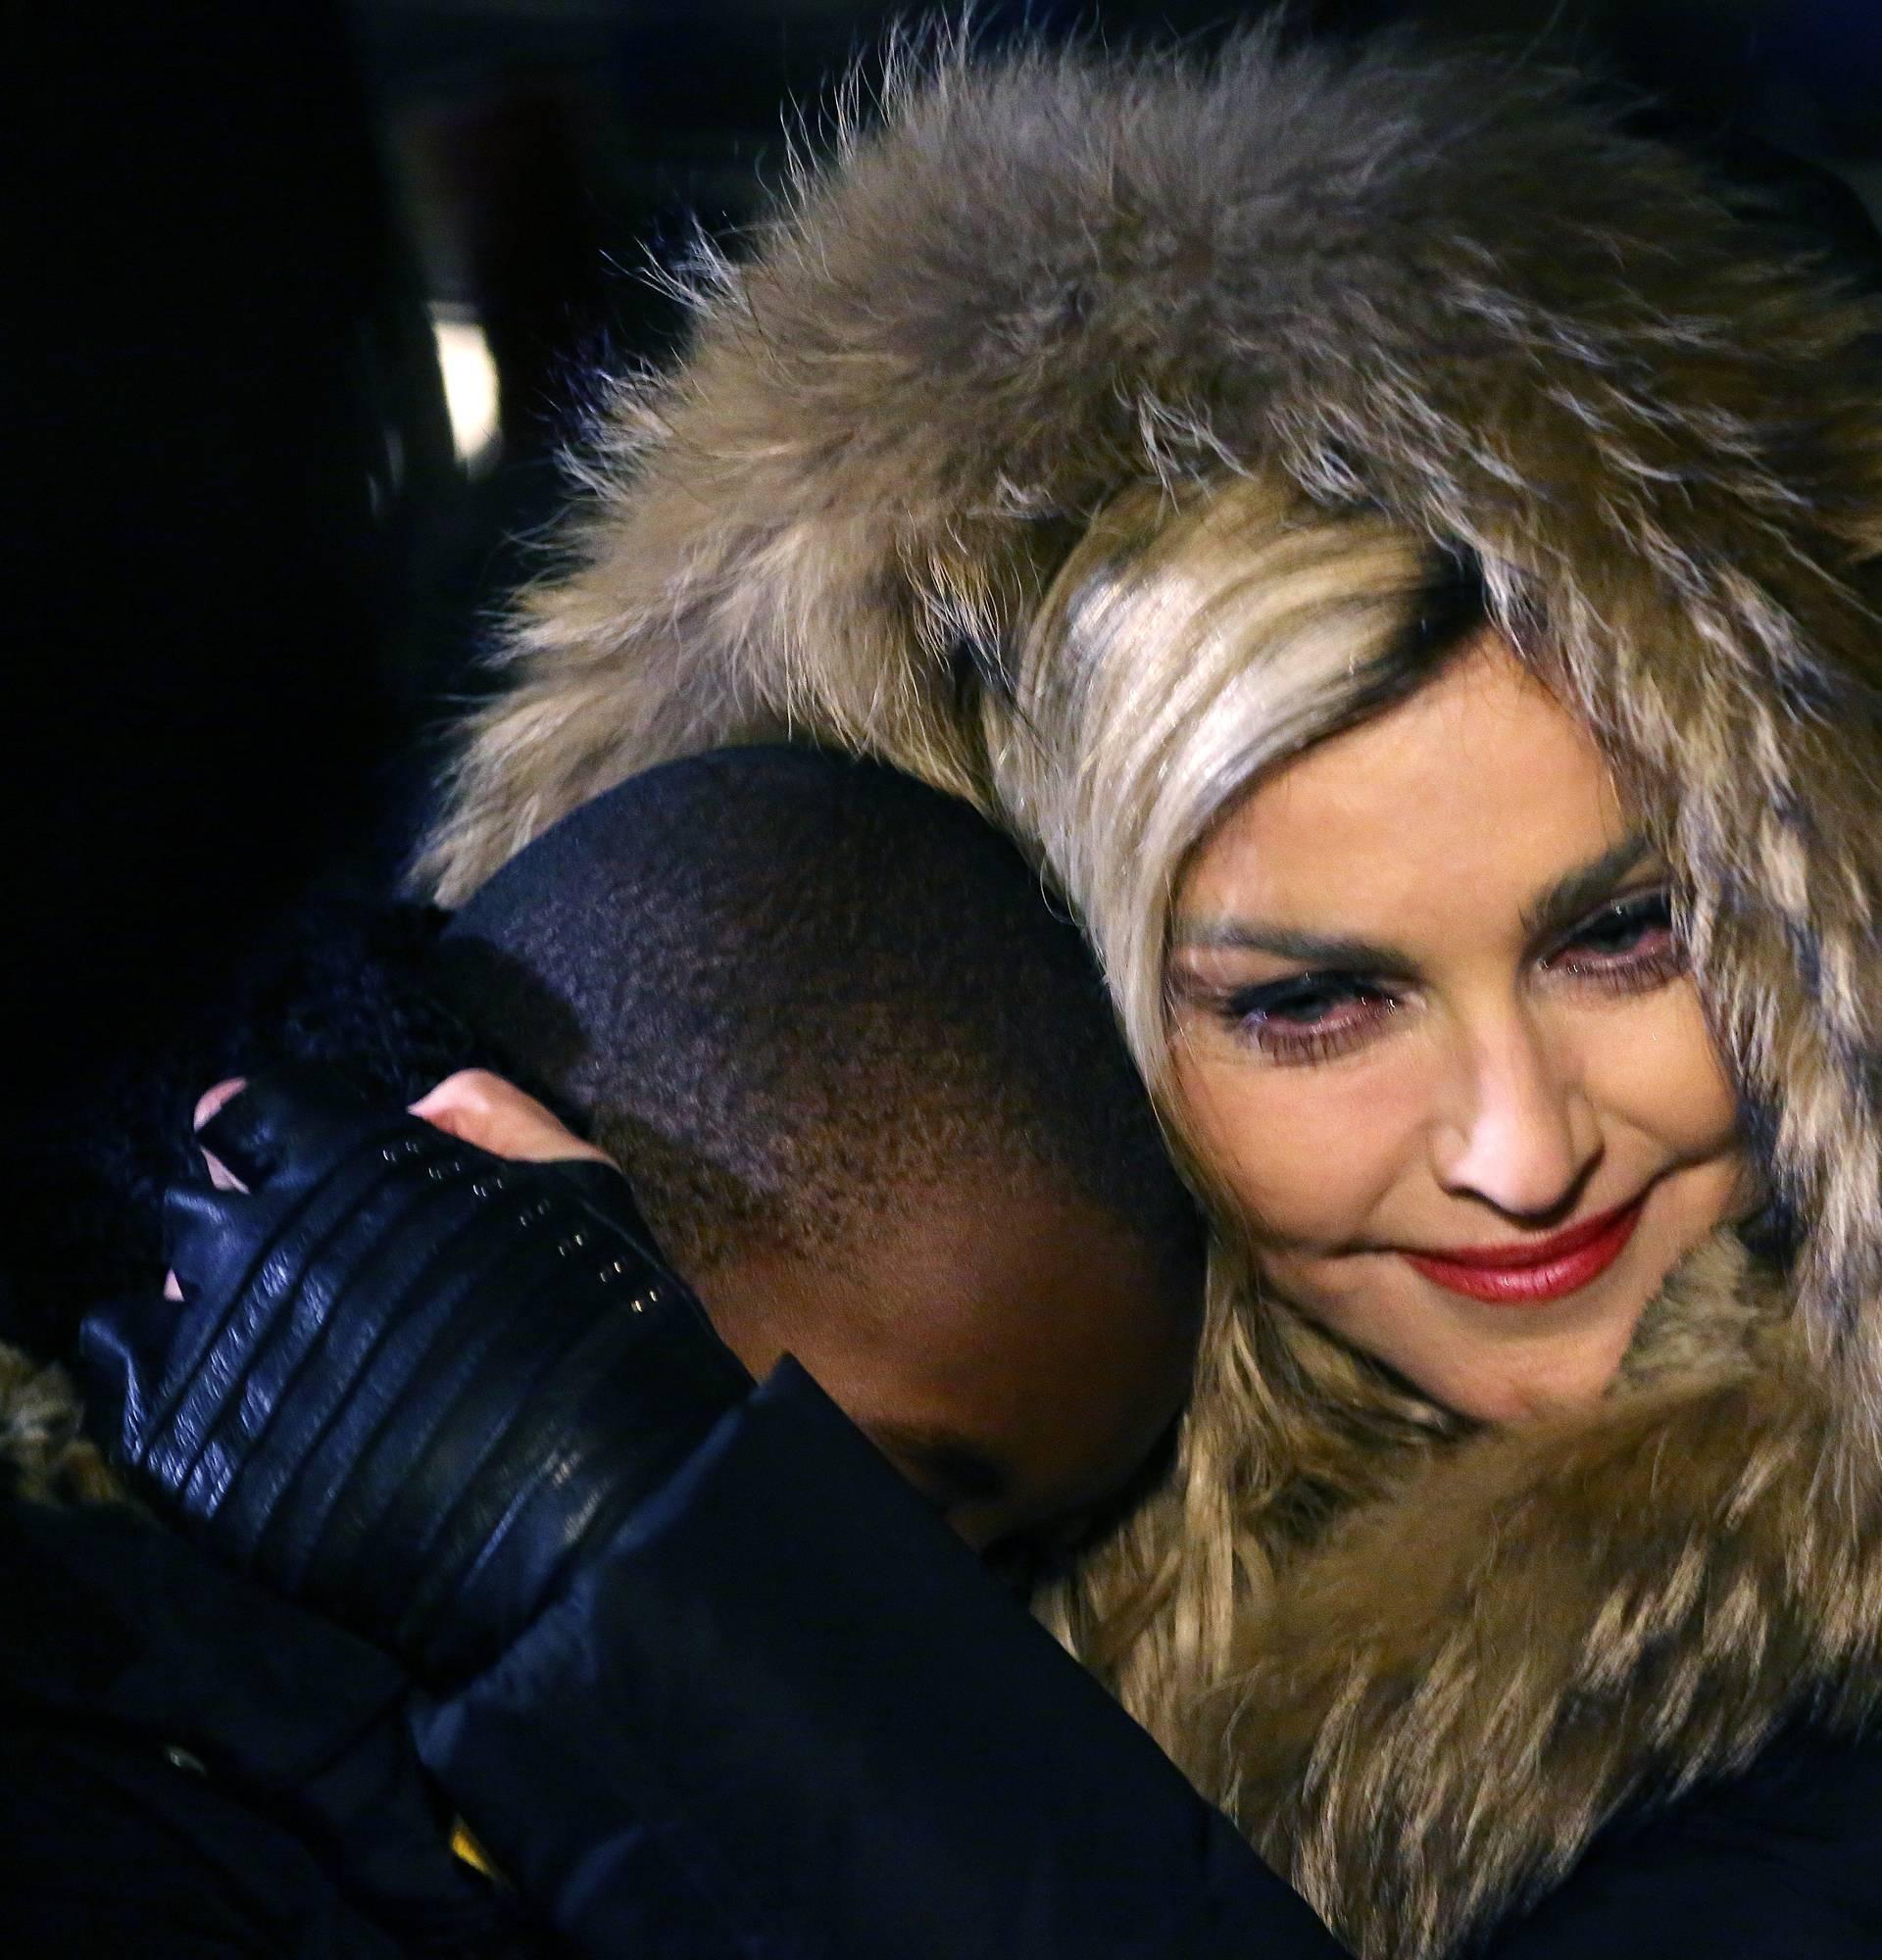 Exclusif - Prix sp?©cial - No Web No Blog - Madonna se recueille avec son fils David sur la place de la R?©publique apr?¨s son concert ? Paris